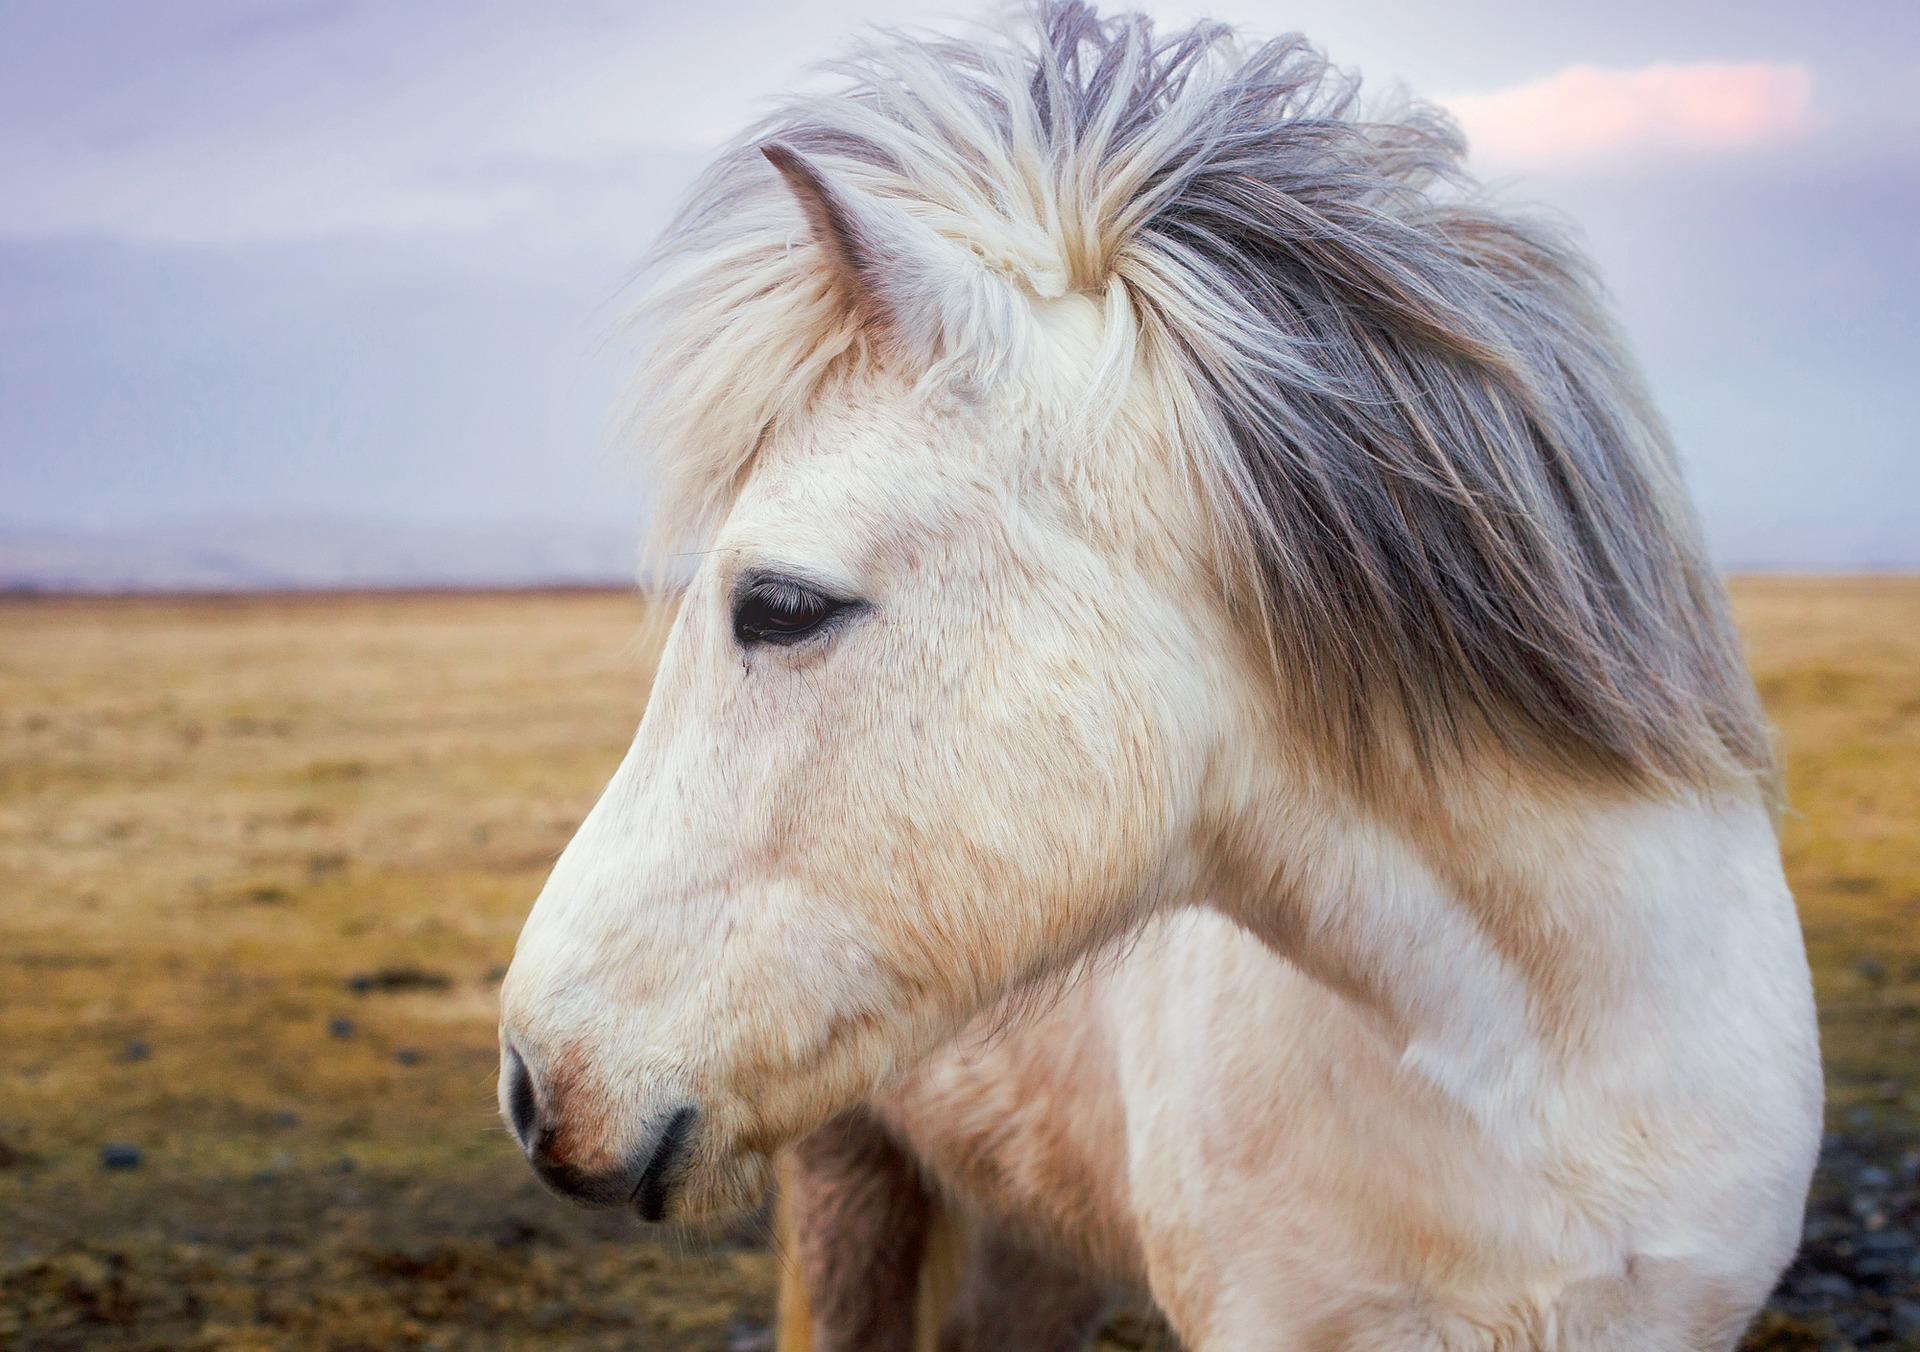 pony-2235916_1920.jpg